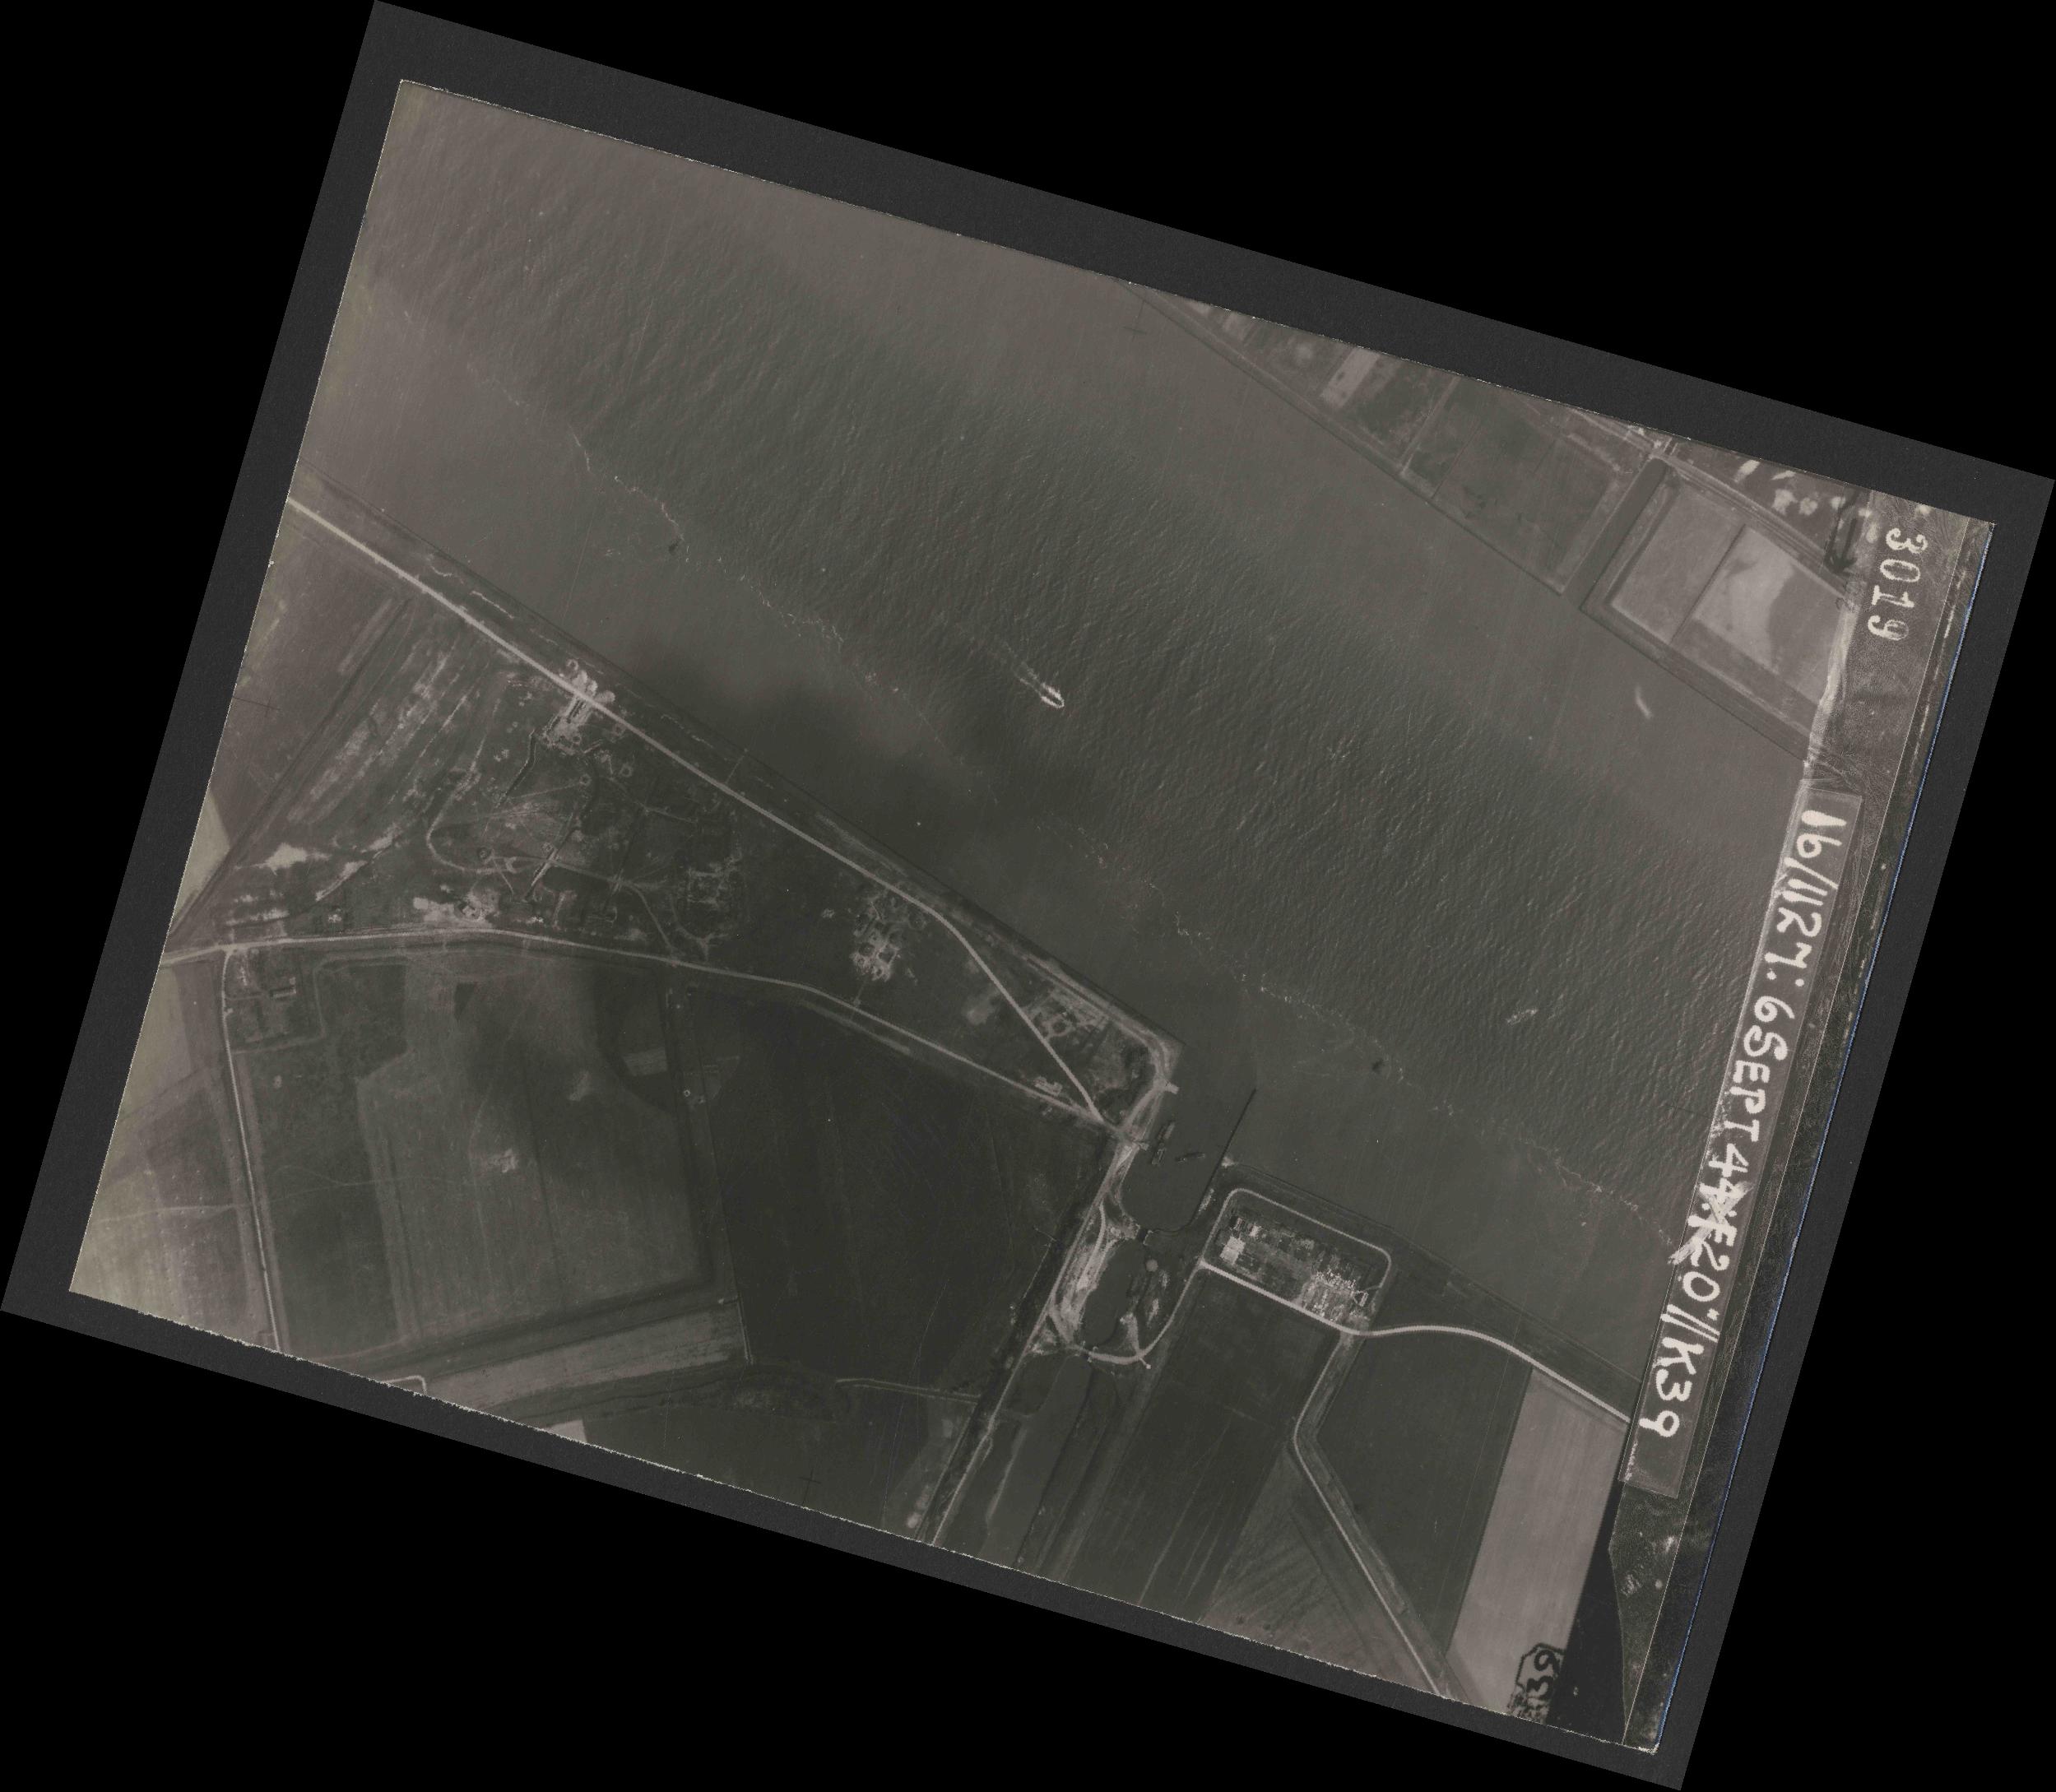 Collection RAF aerial photos 1940-1945 - flight 189, run 10, photo 3019